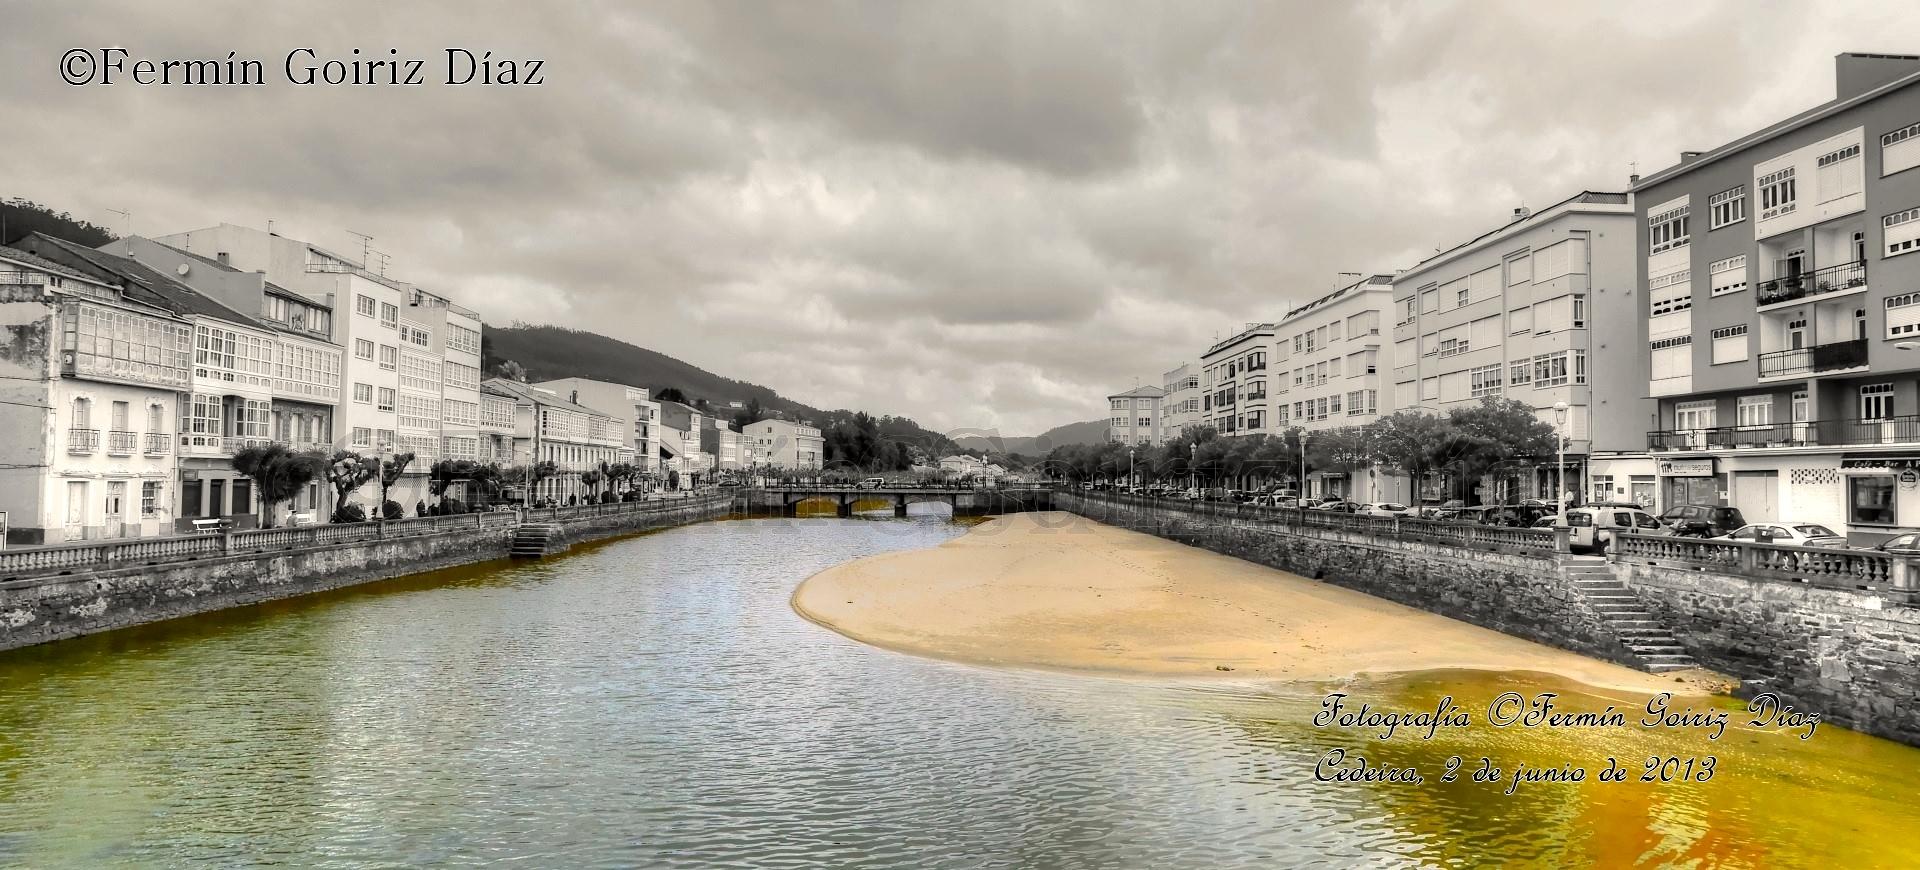 Vistas de Cedeira - río Condomiñas - fotografía por Fermín Goiriz díaz, 02-06-2013 (1)